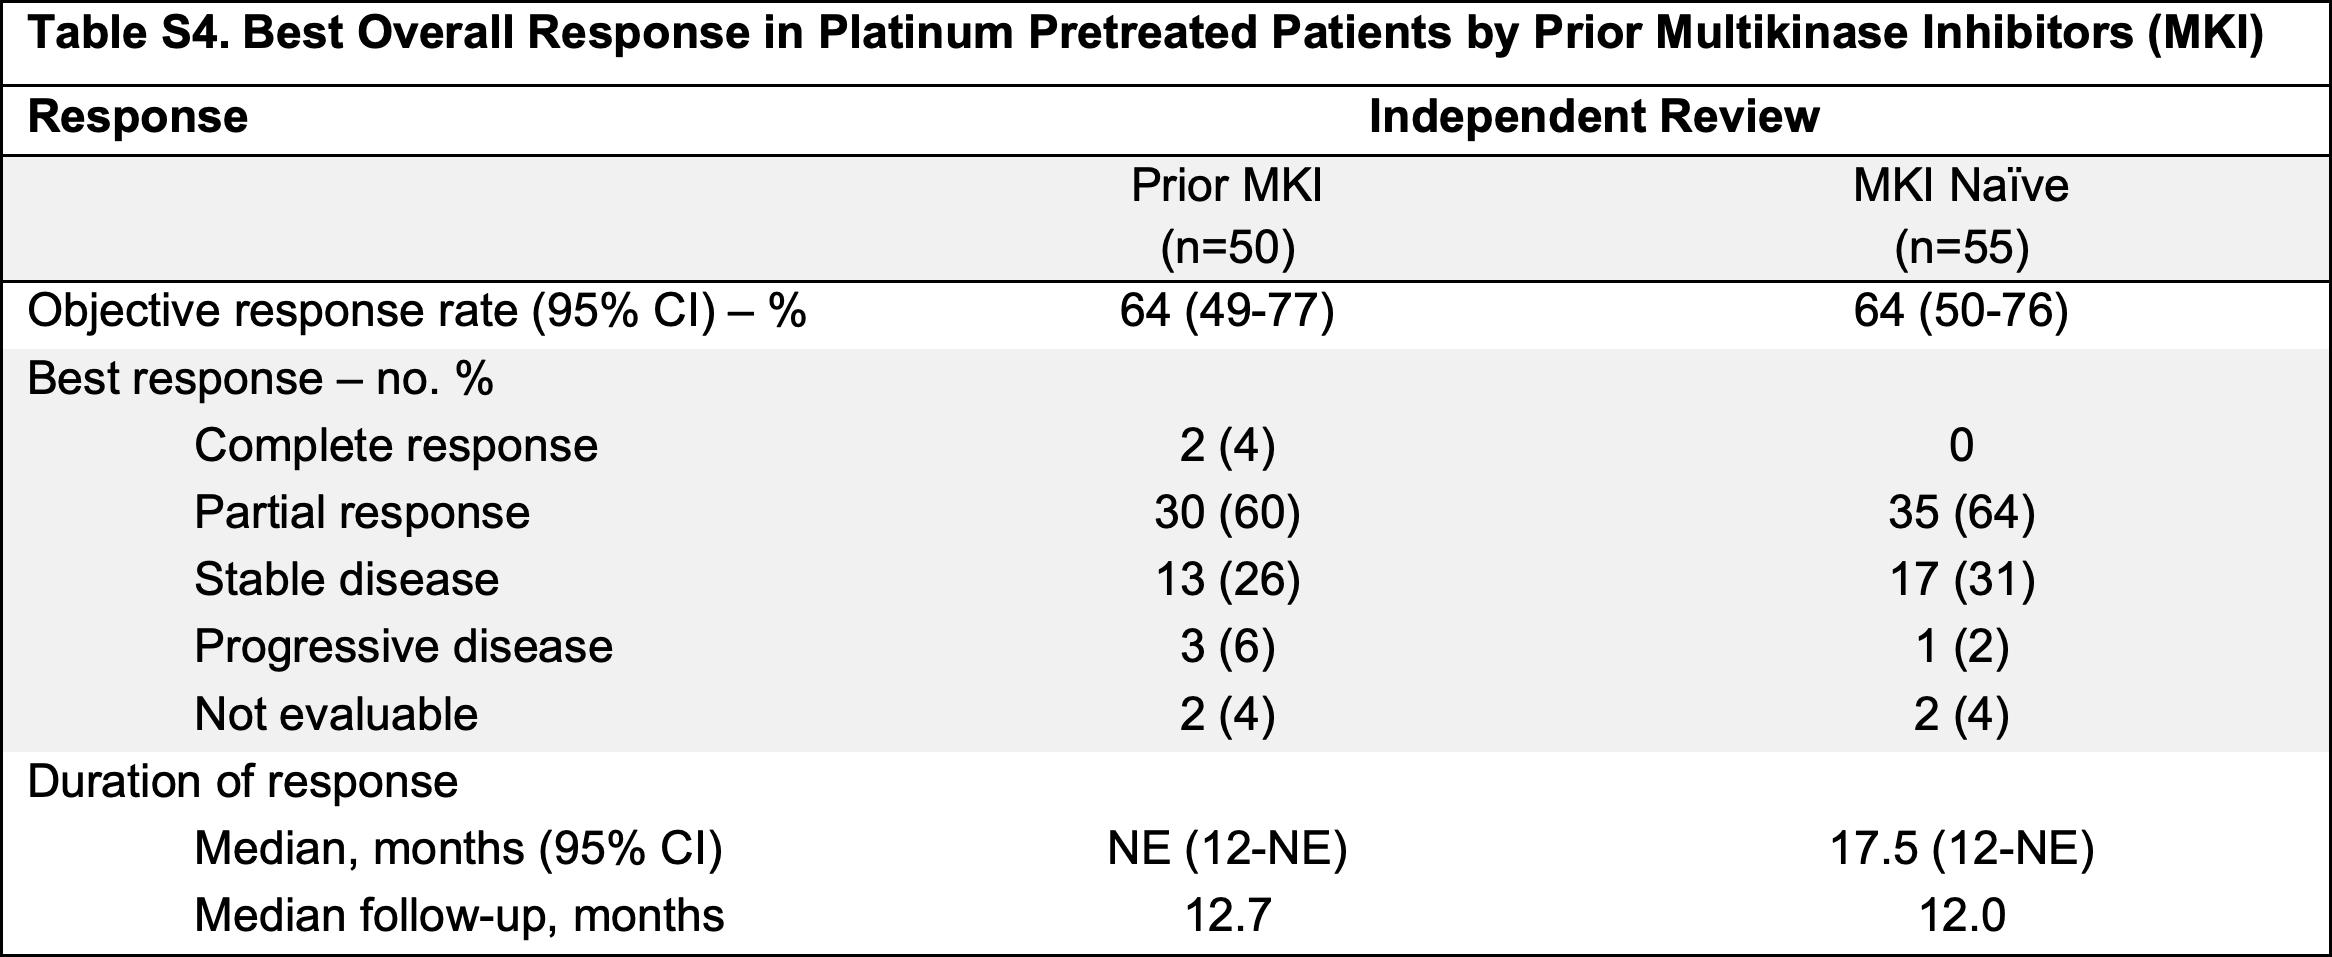 nct03157128 results 03 - «Ретевмо»: первое лекарство против RET-положительных опухолей